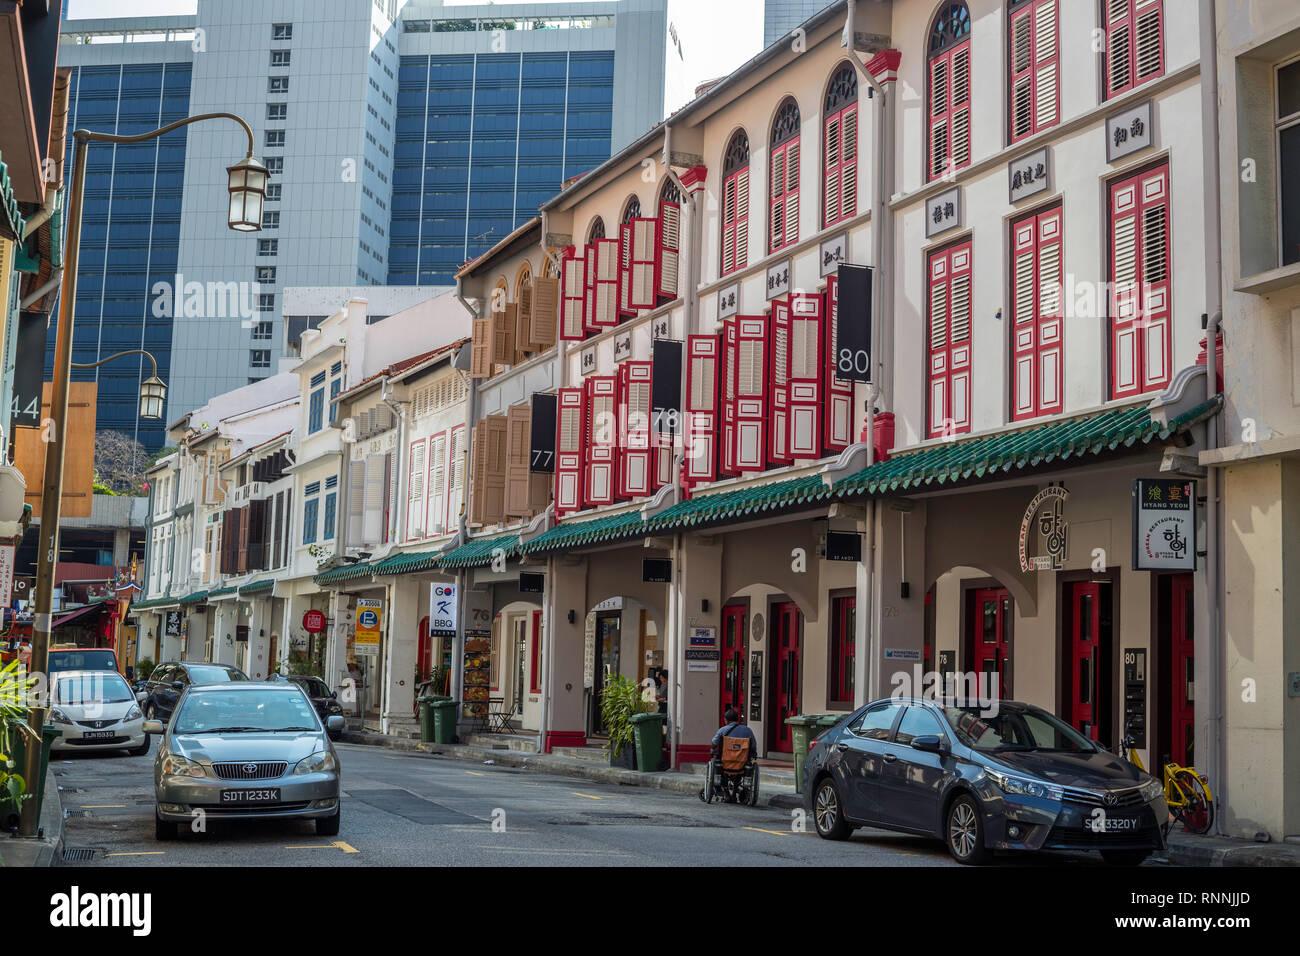 Singapore, Amoy Street Scene, Shop House Architecture. - Stock Image